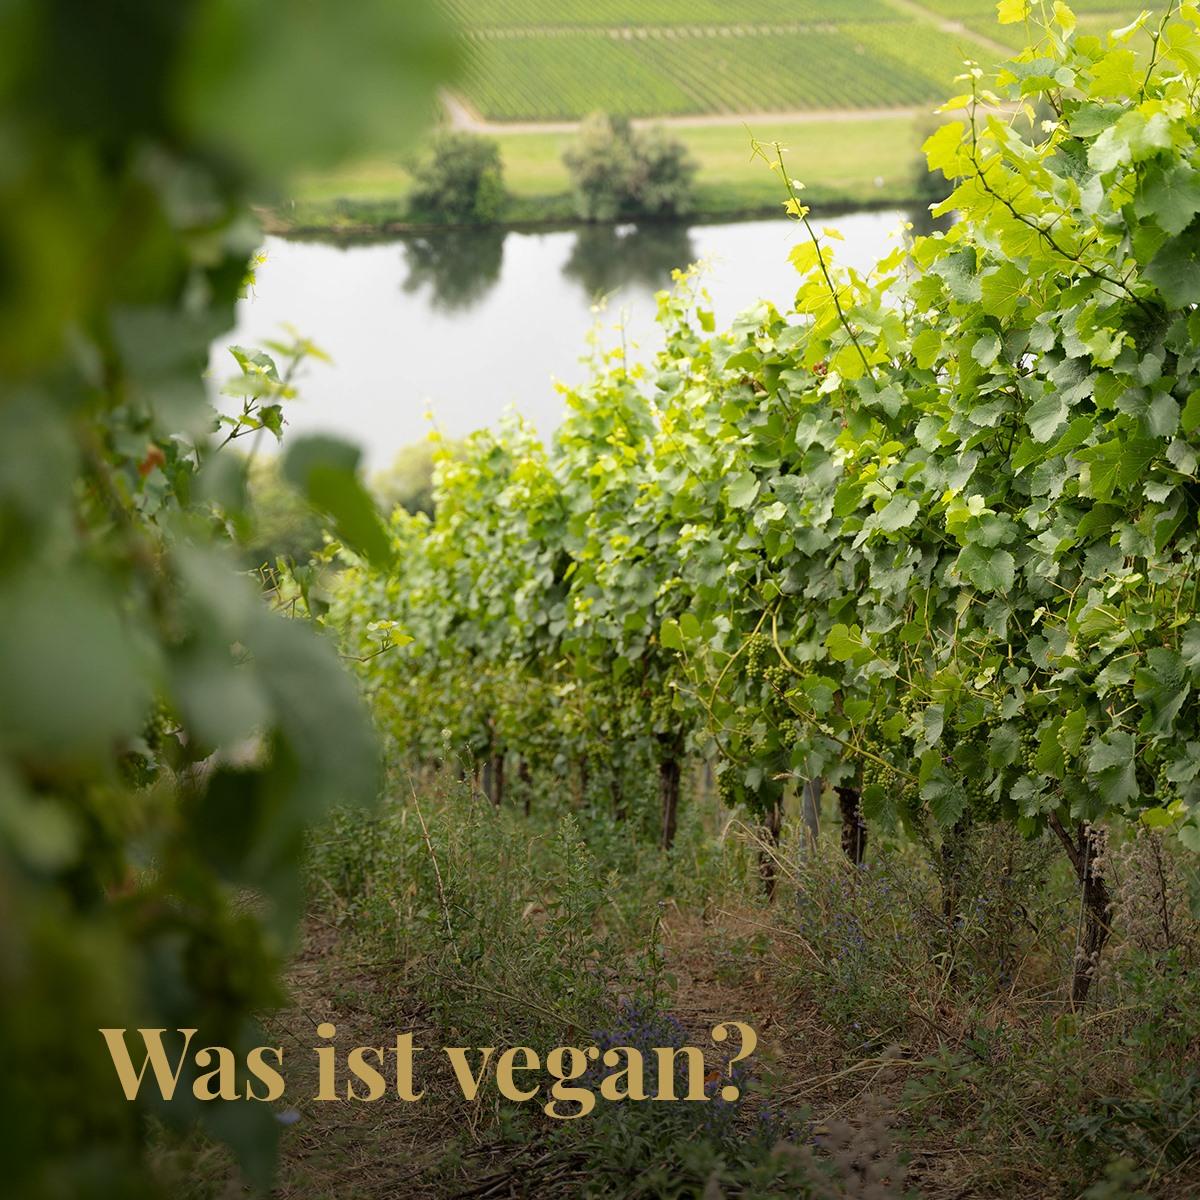 Was ist vegan? - Bioweingut Hubertushof